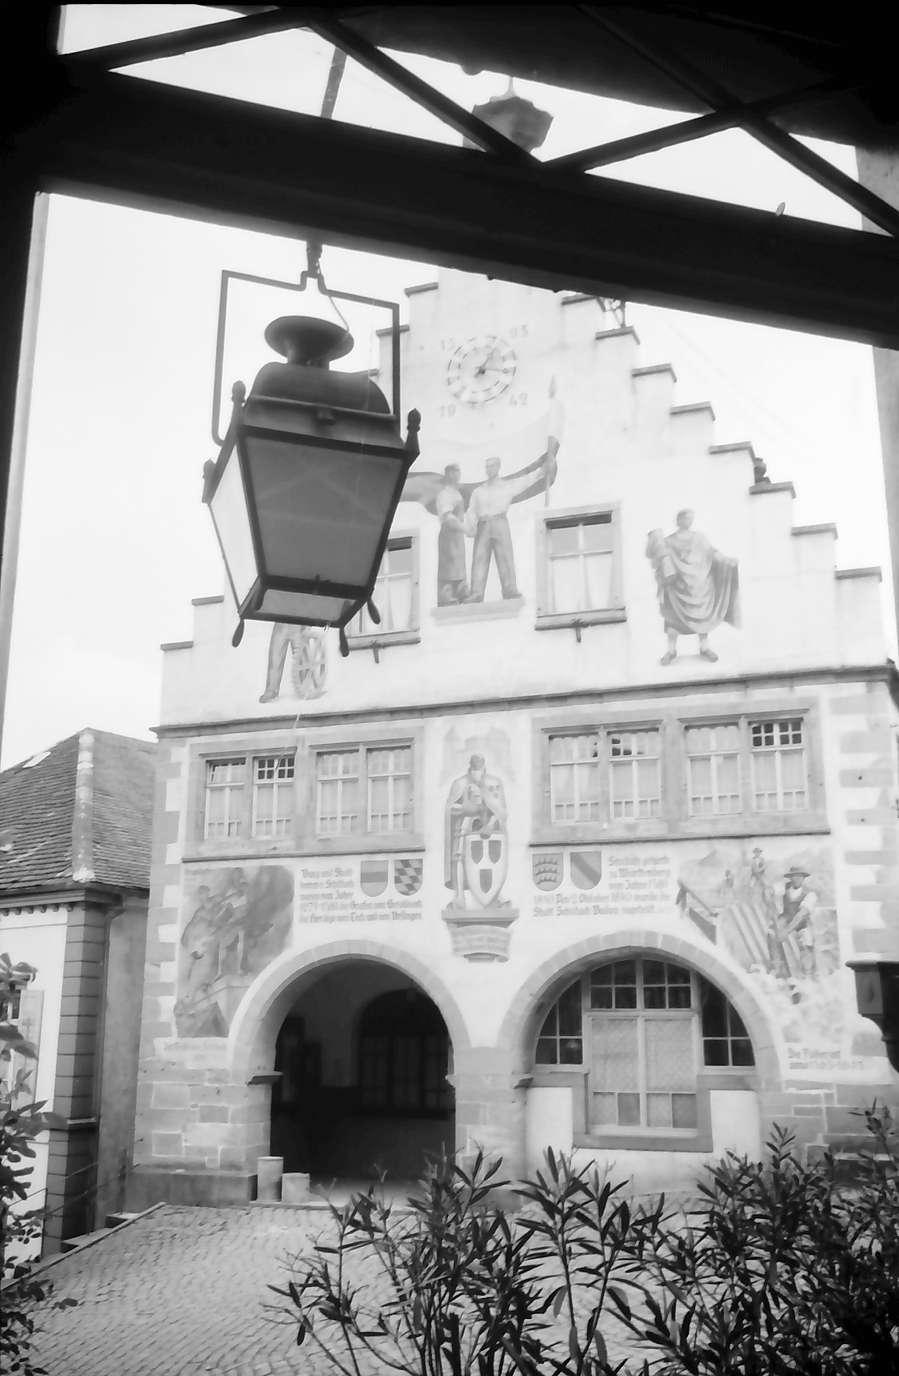 Schiltach: Fassade des Rathauses (mit Laterne im Durchblick), Bild 1